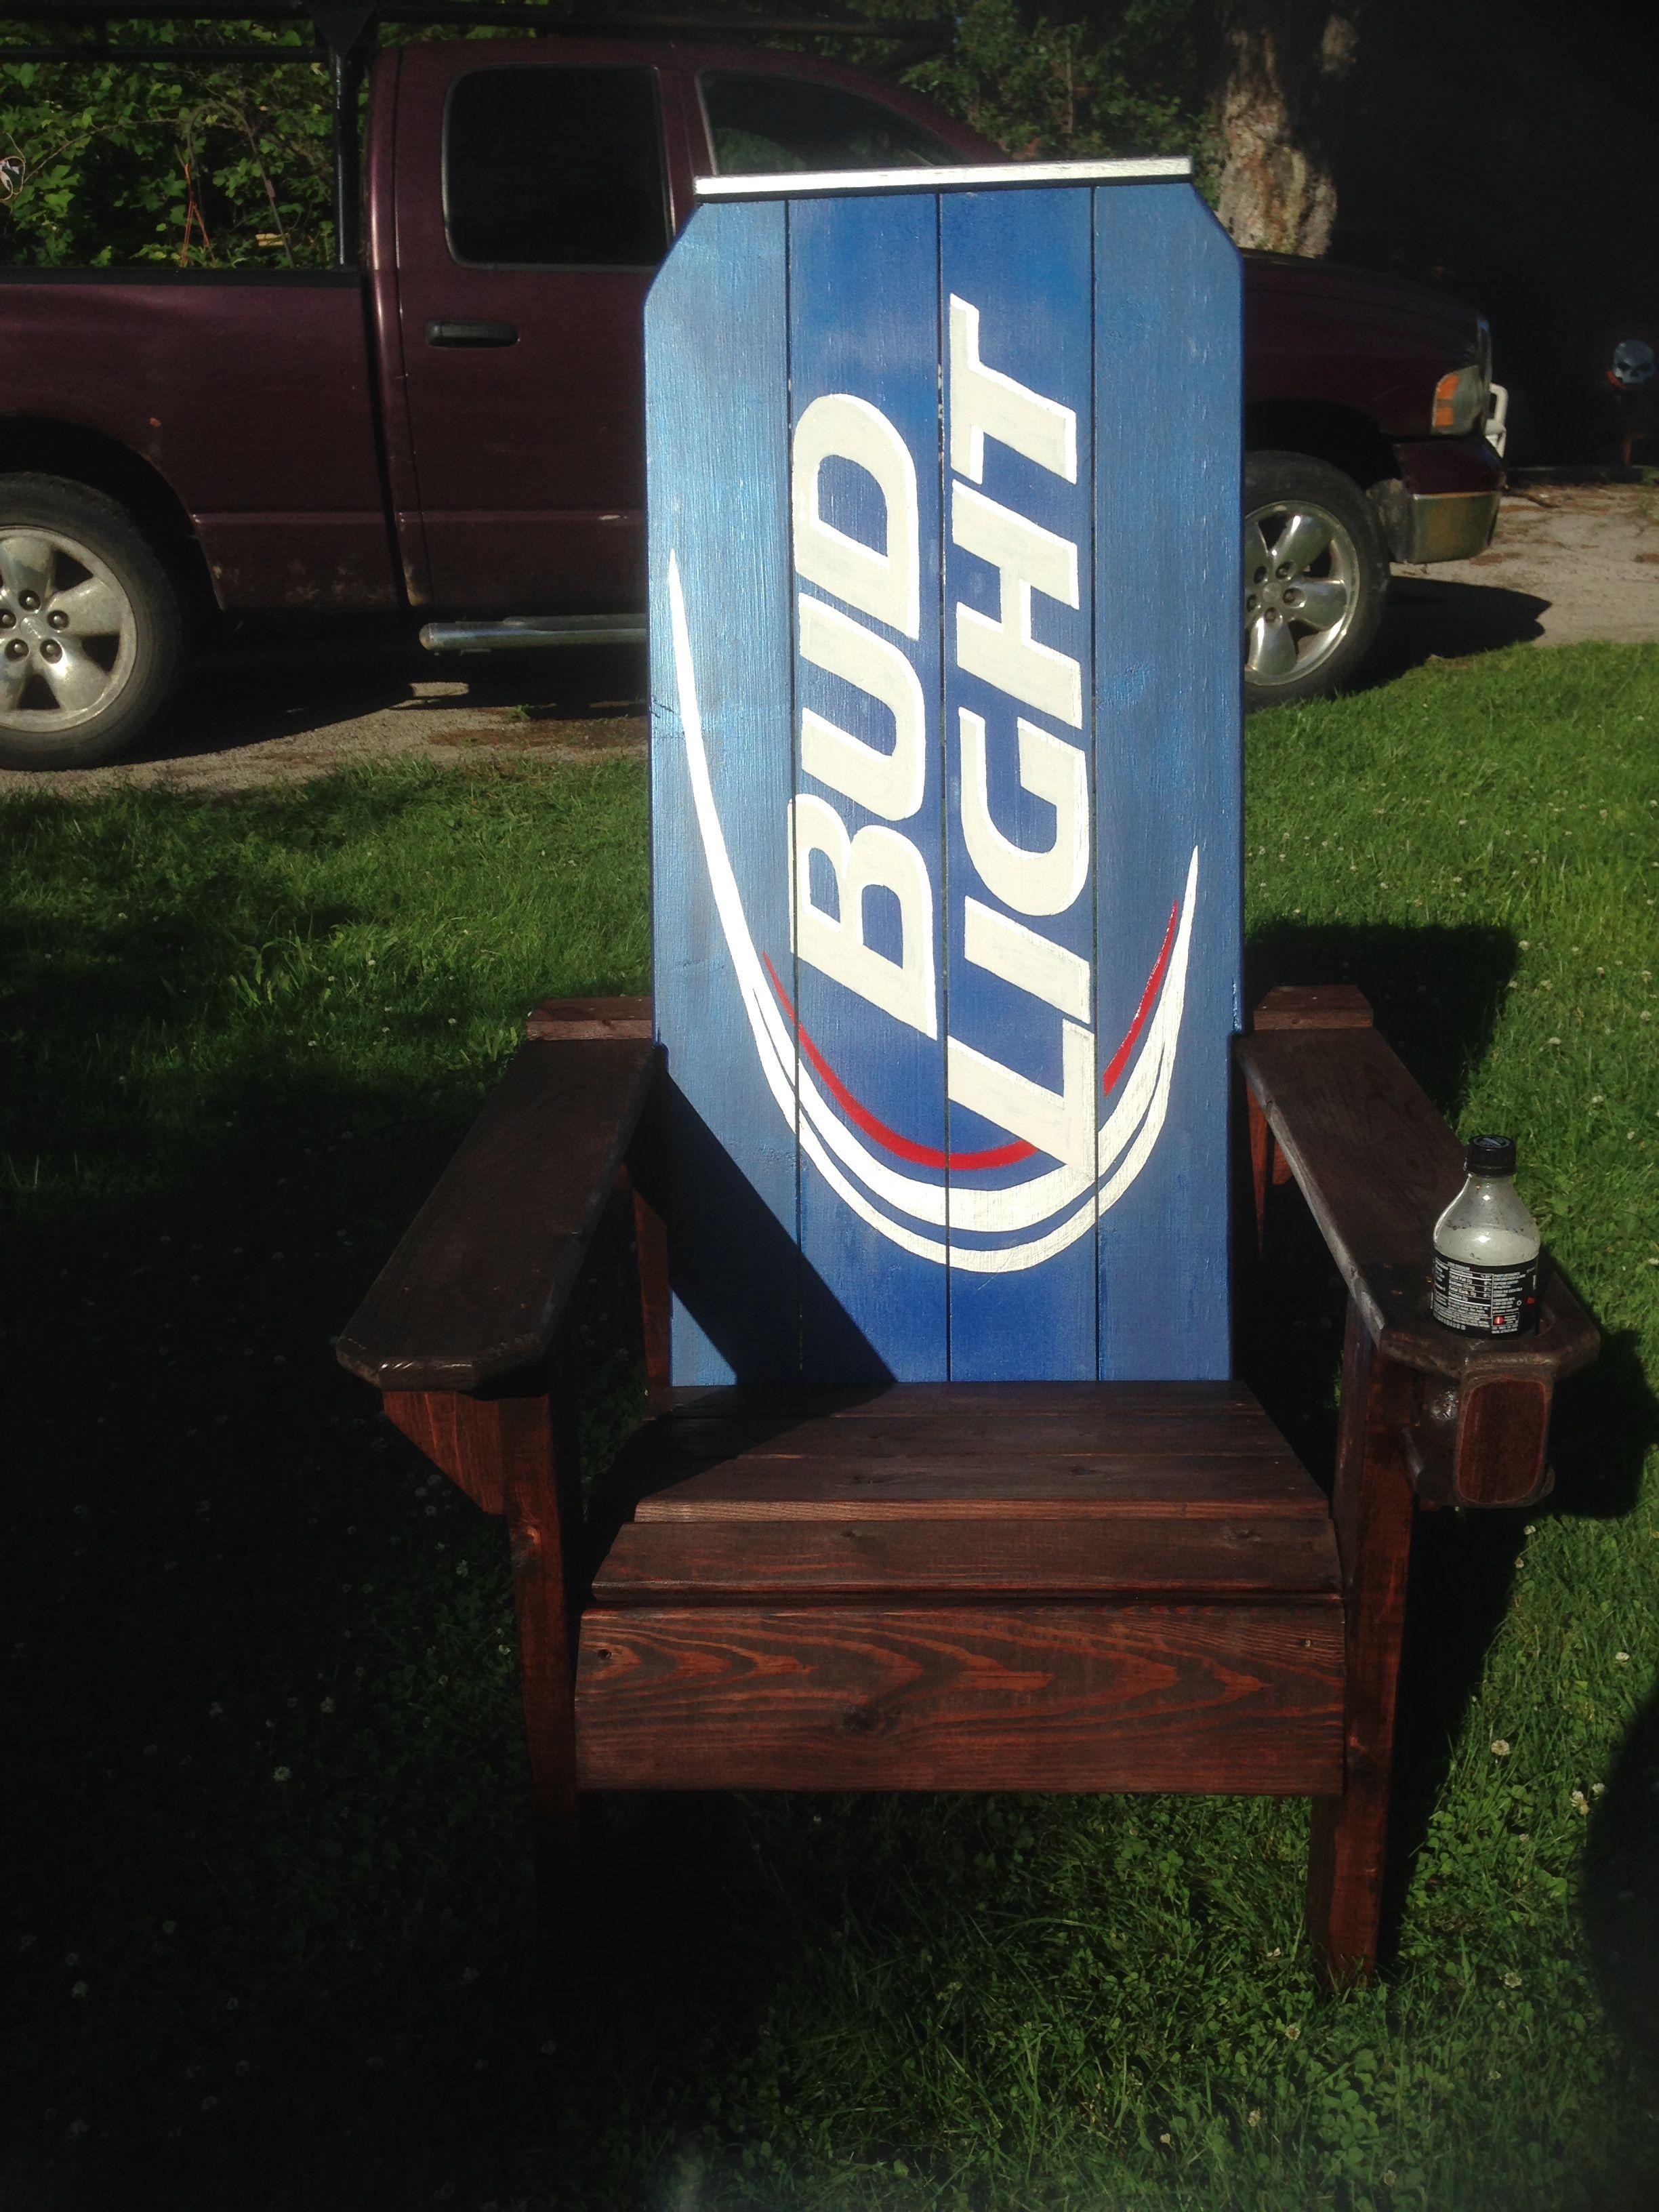 Merveilleux Bud Light Chair